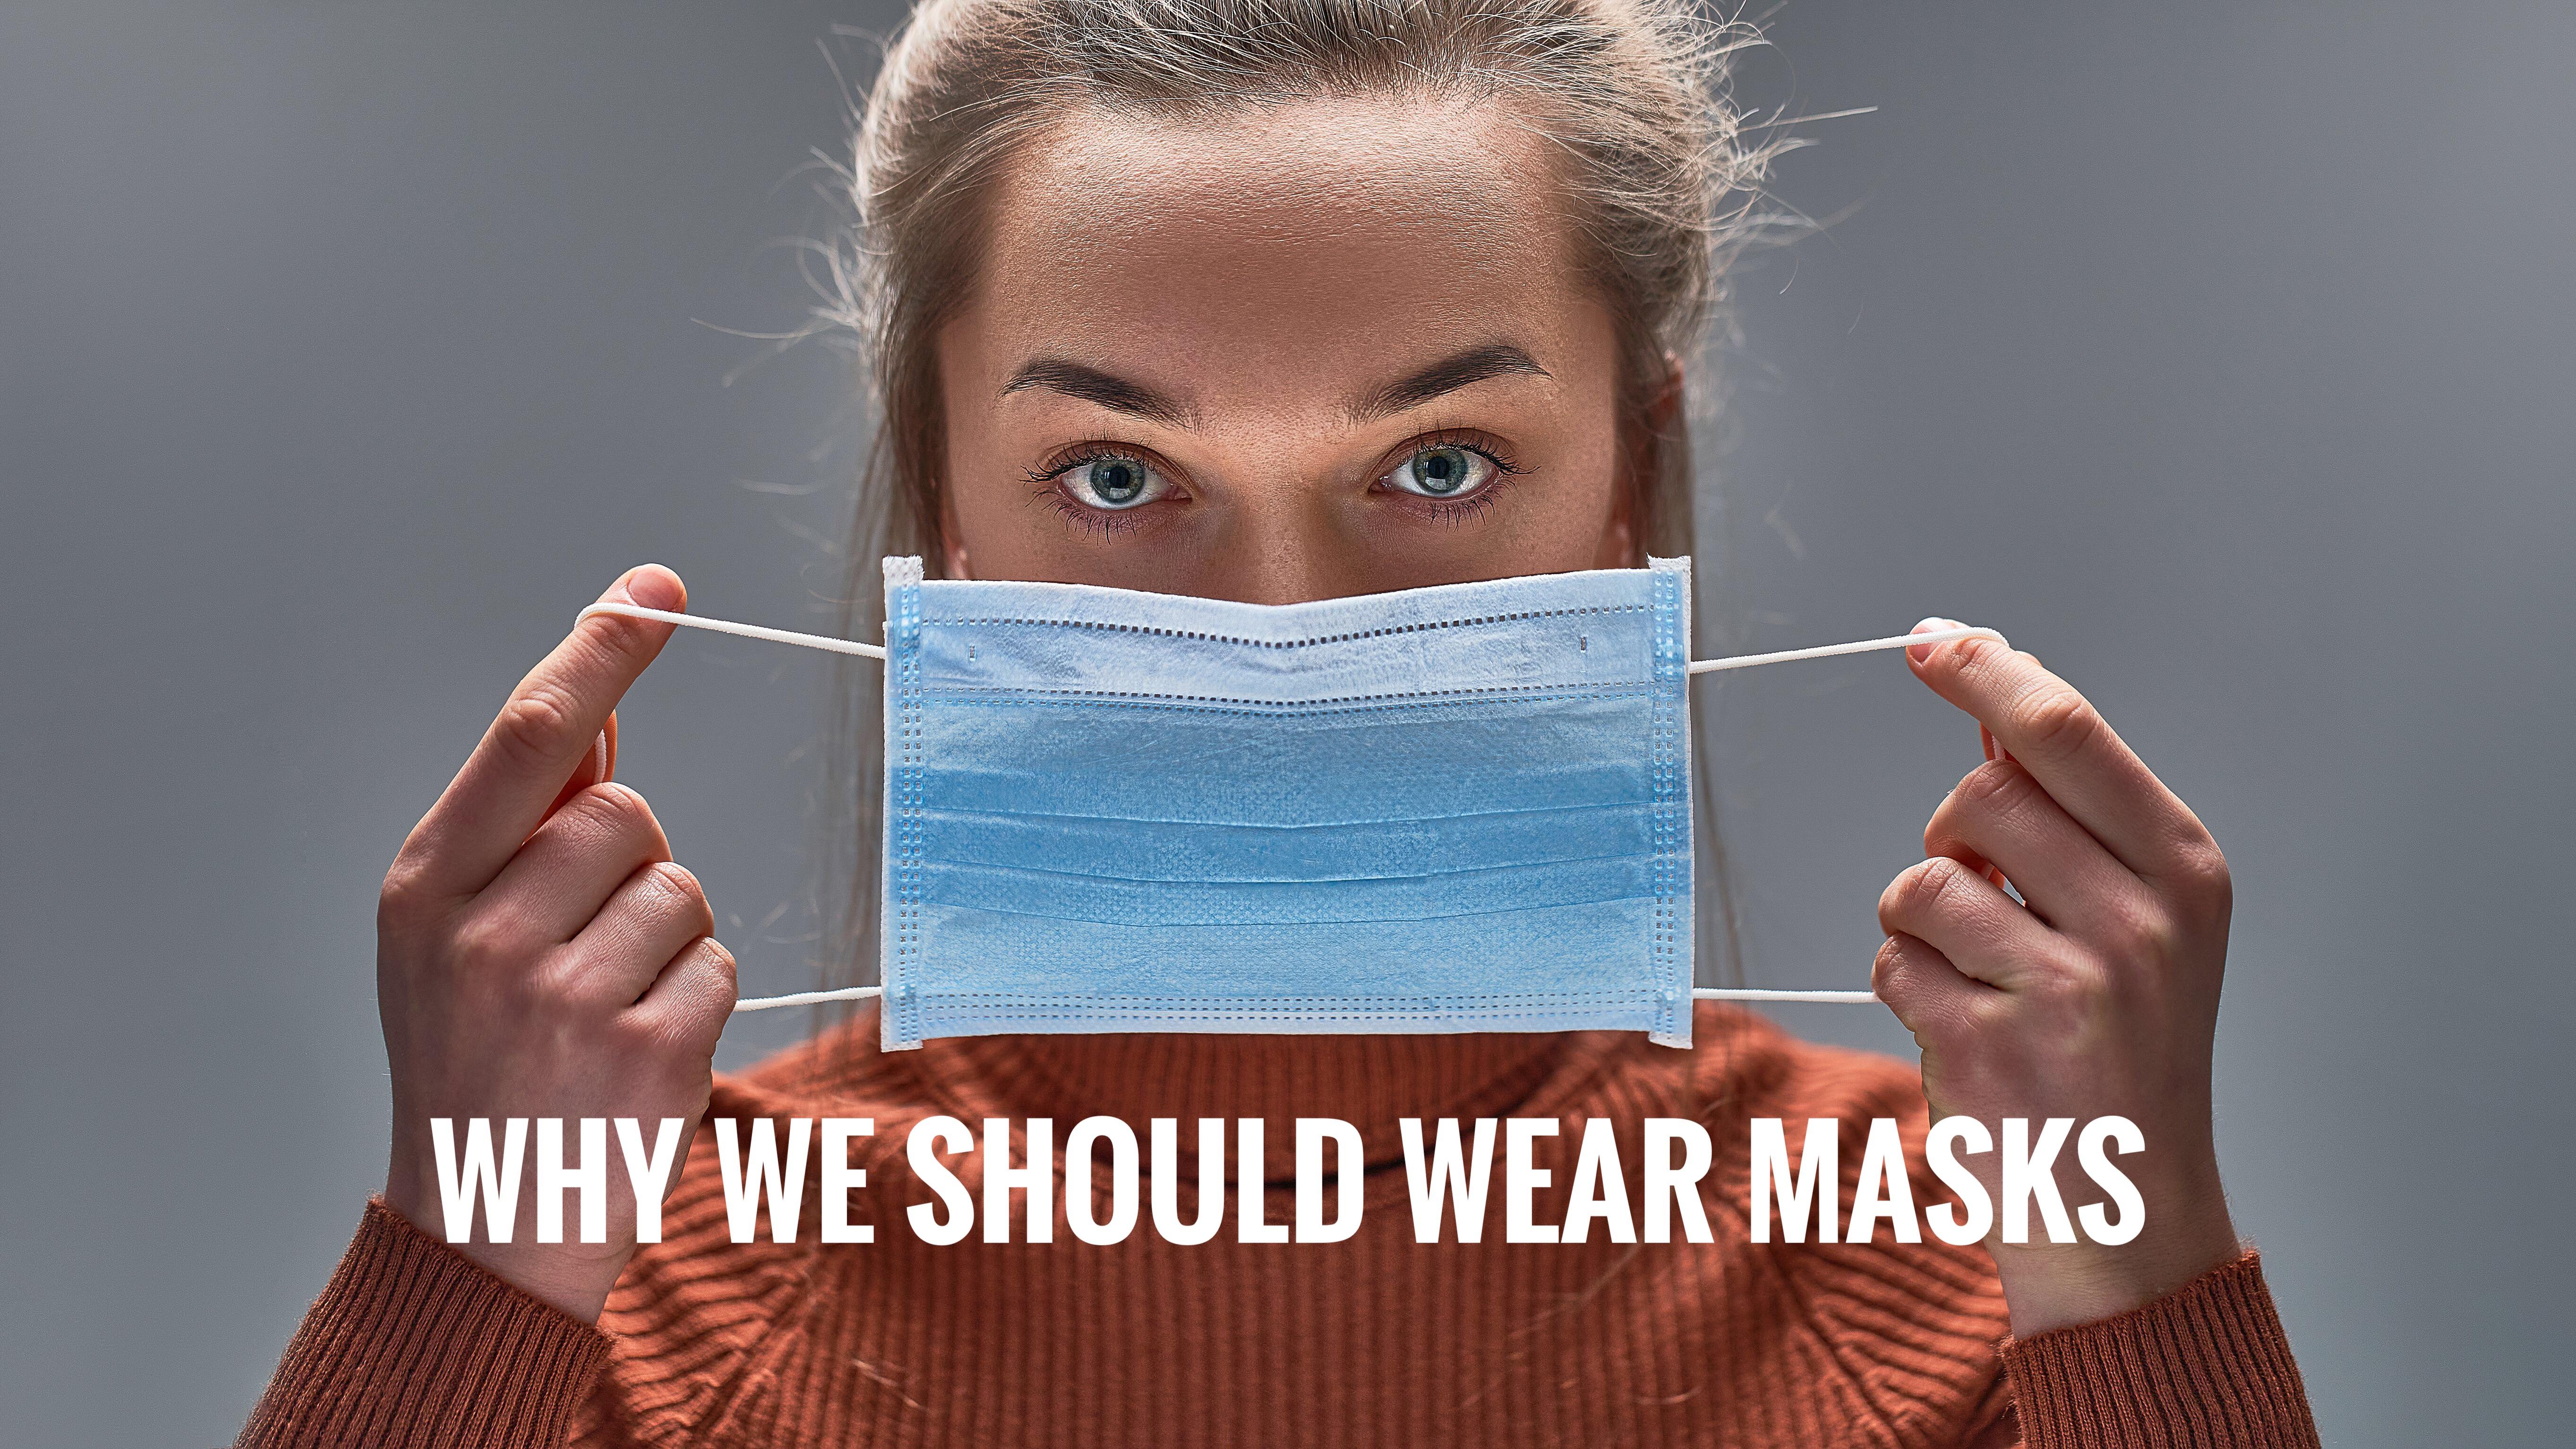 EL PORQUE DEBEMOS USAR MASCARAS/マスクを着用する理由